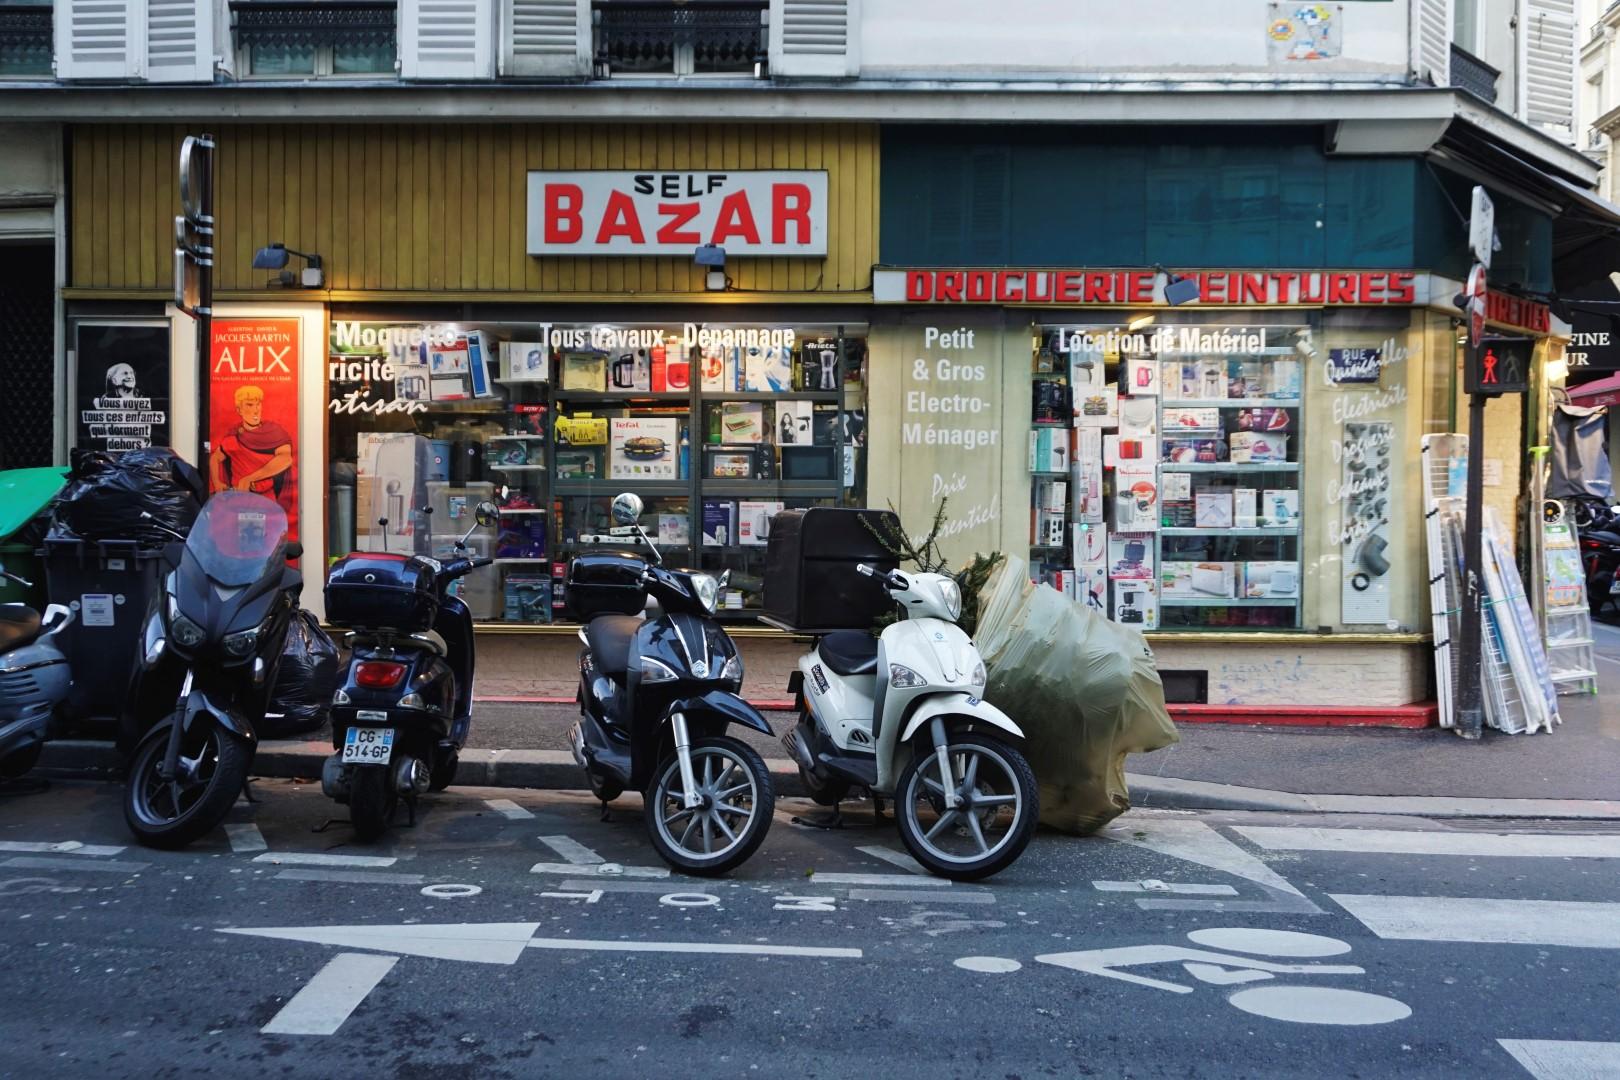 Ancienne devanture rue Rochechouart- Balade dans les 9e et 10e arrondissements de Paris - De place de la République à Pigalle